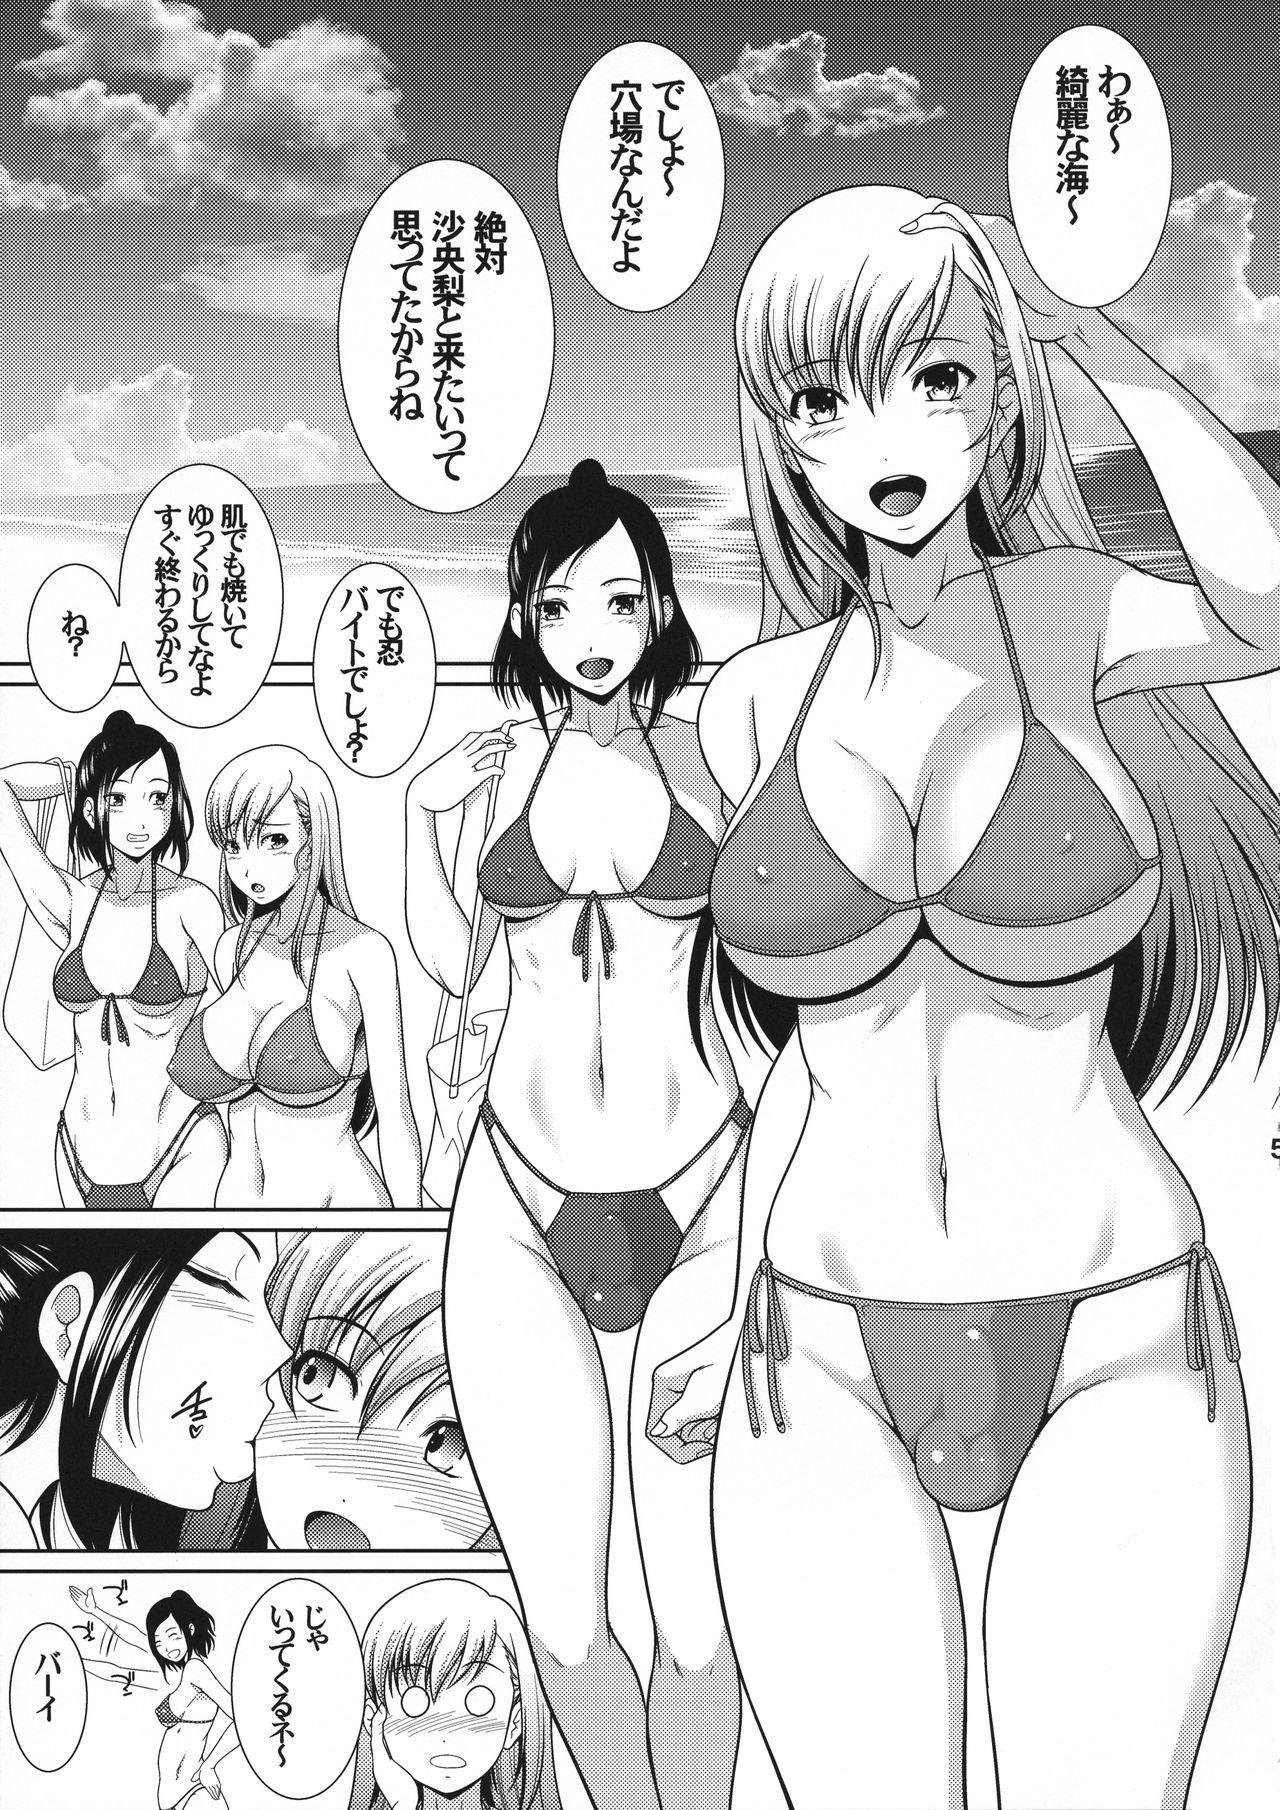 Nurunuru Esthe o Sarete Kando ga Agatte Zecchou Kimakutte Shimau Futanari Musume 4